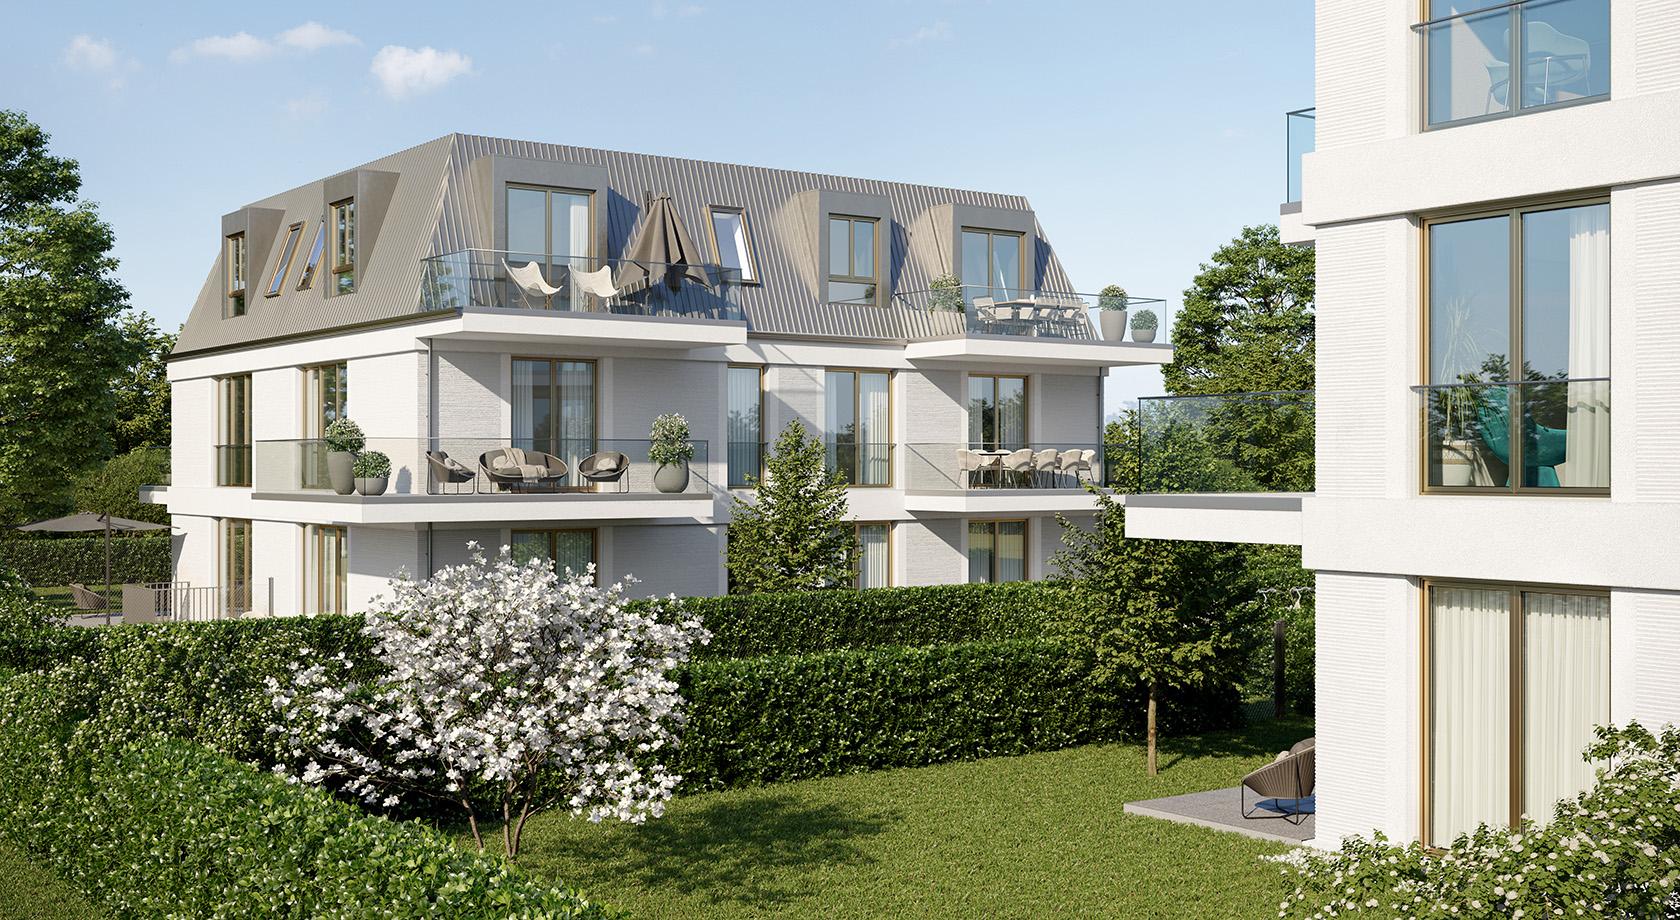 Geiselgasteig schräg Haus 2 100 1680x920